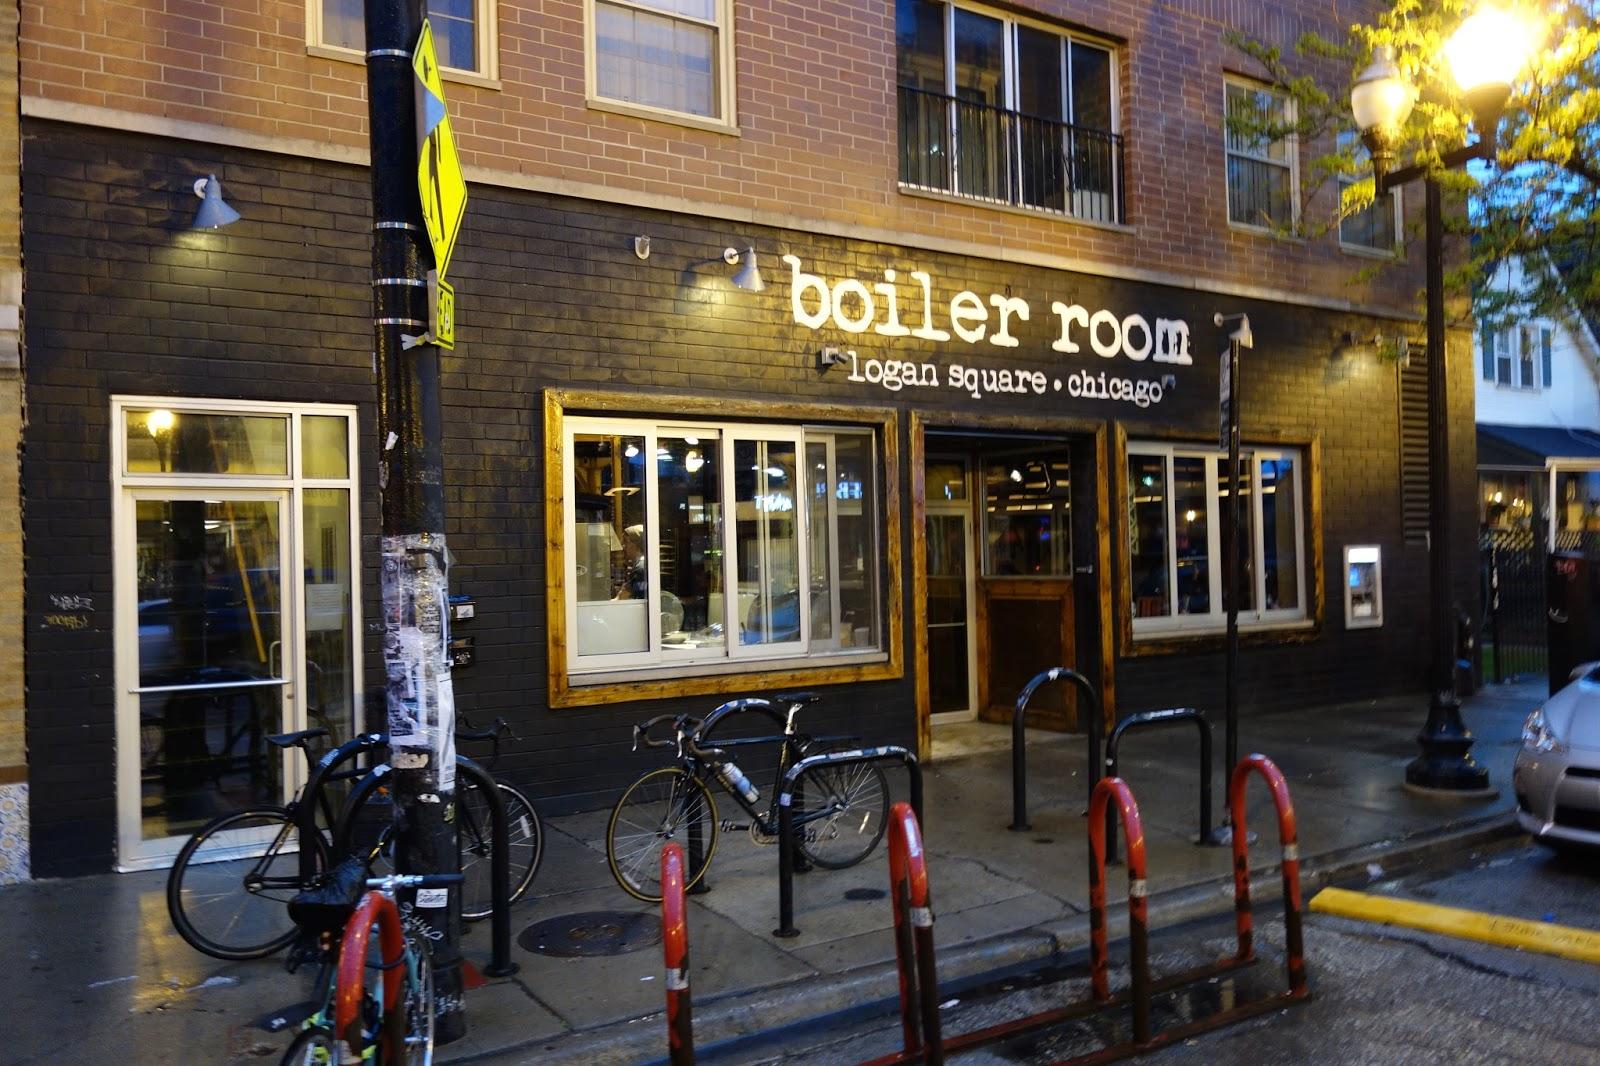 Boiler Room Chicago